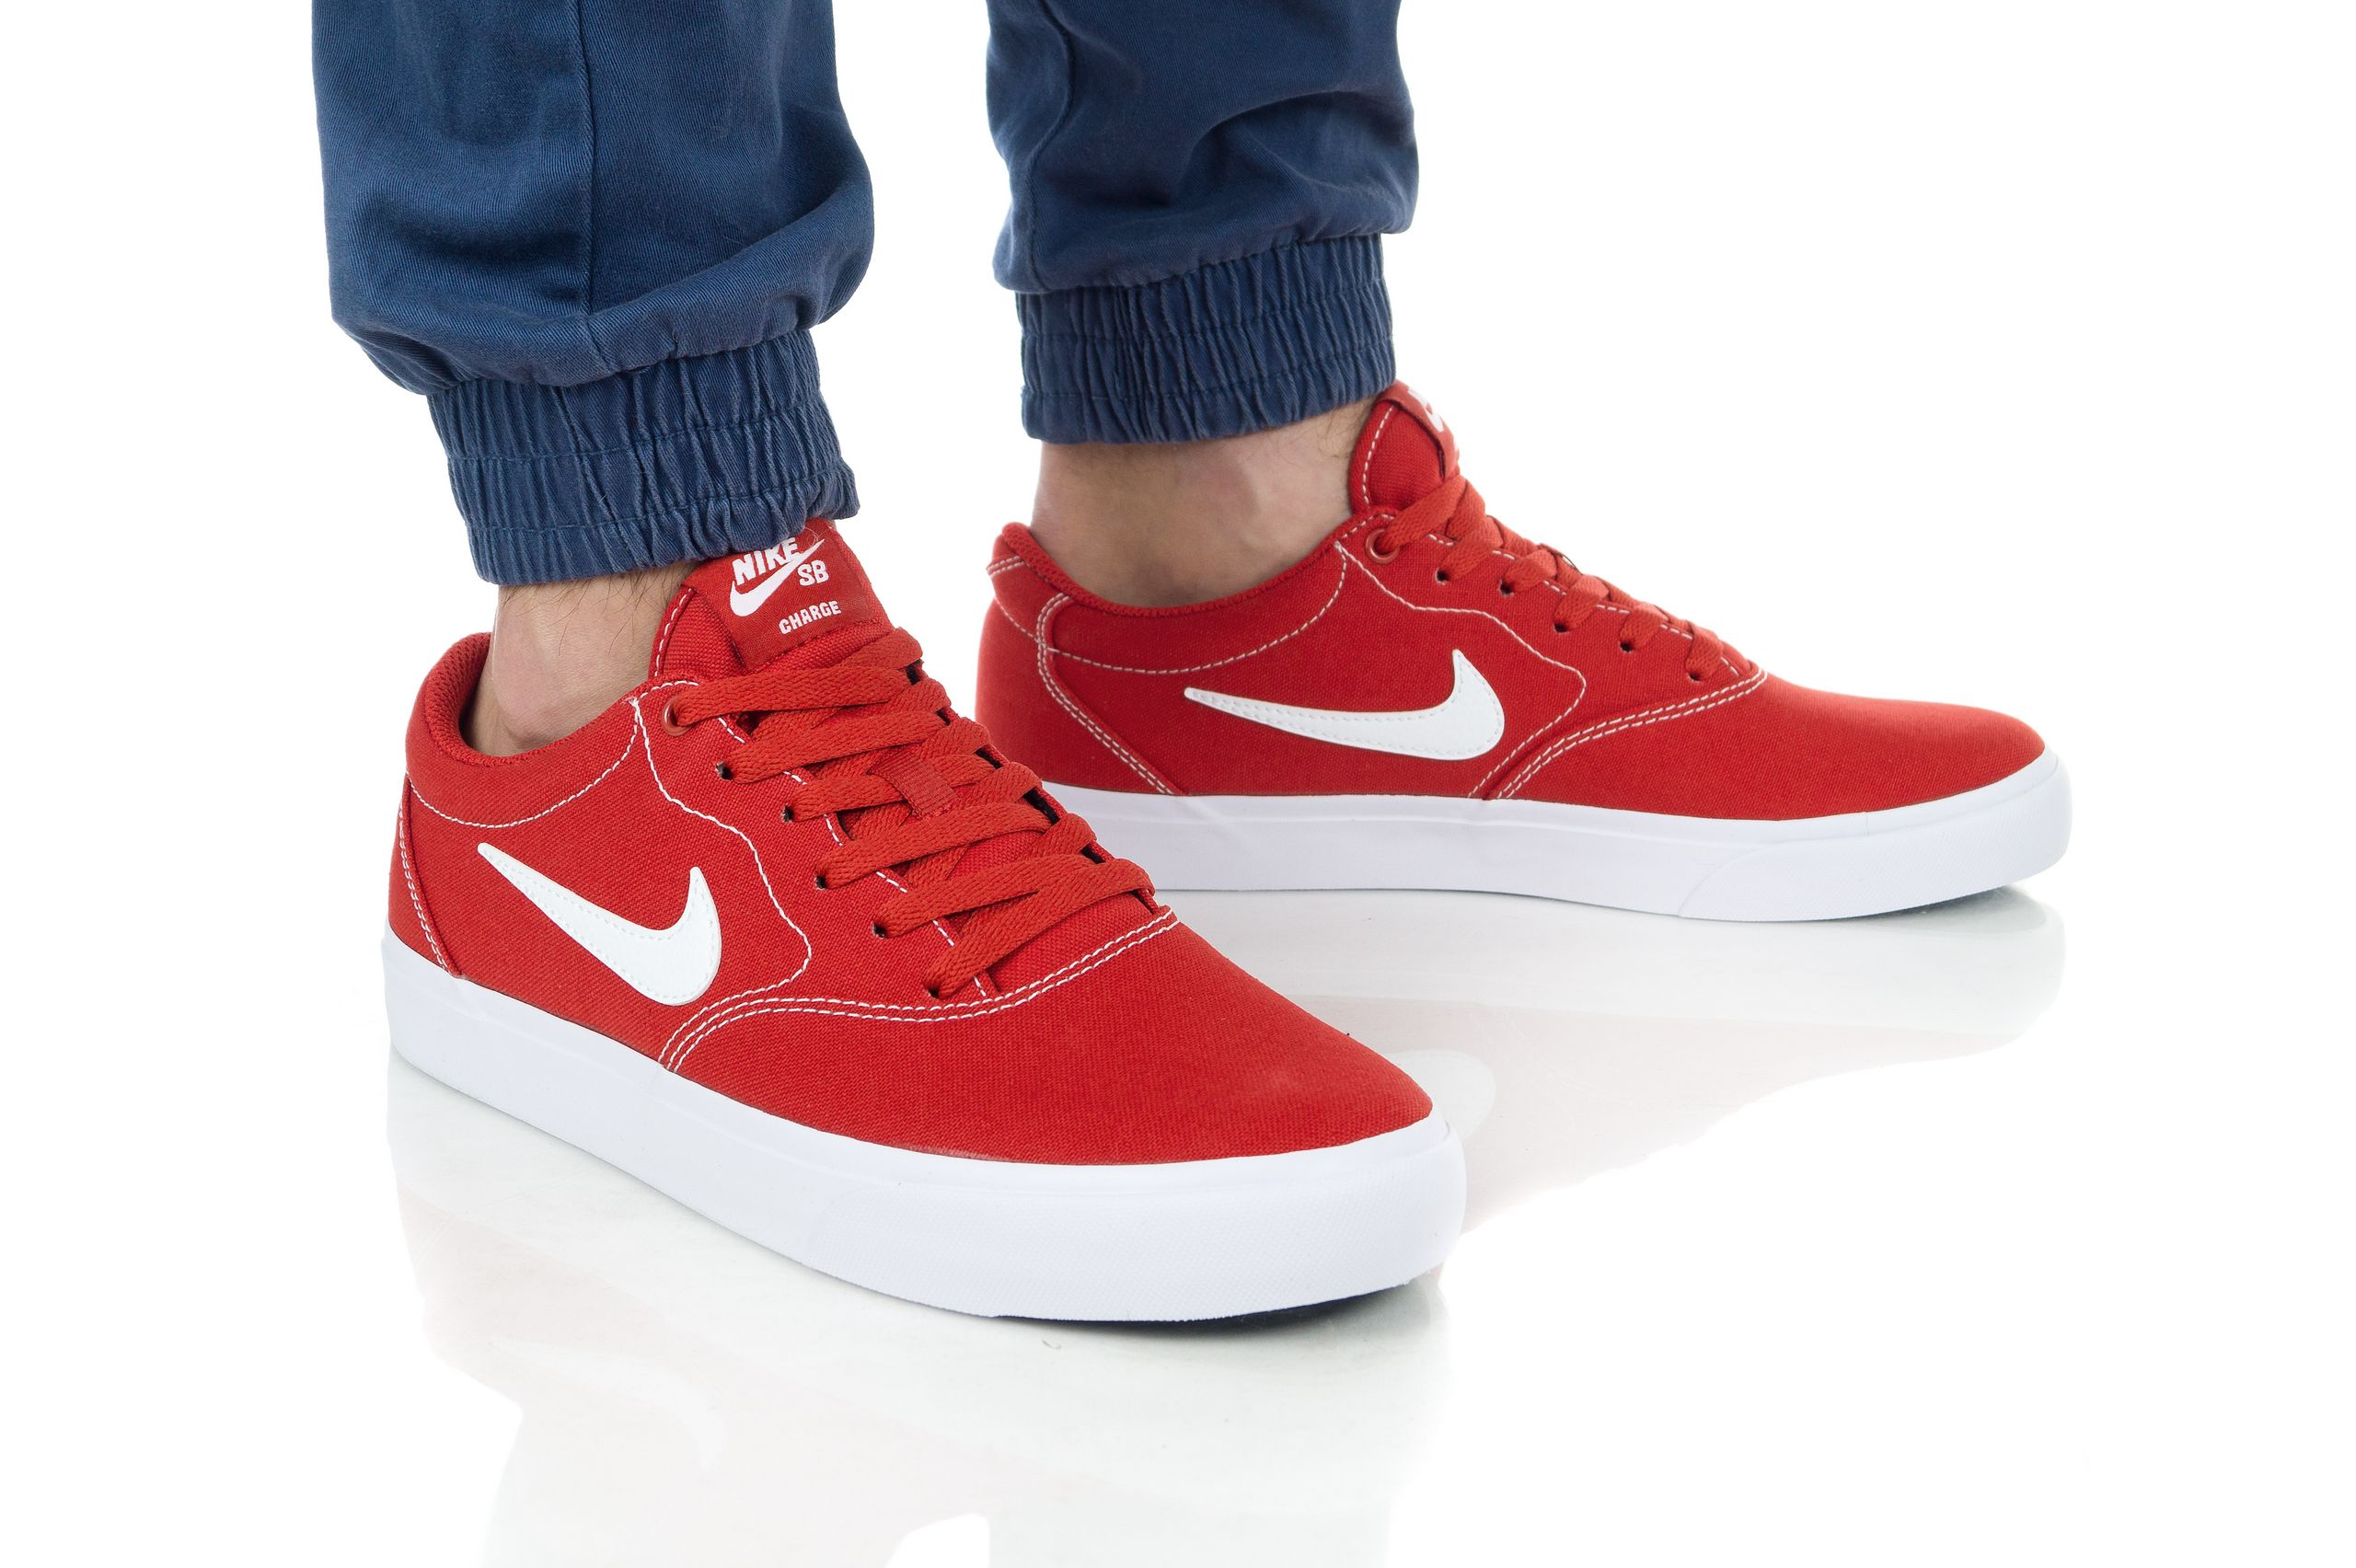 Nike SB CHARGE CNVS HERRENSCHUHE SNEAKER TURNSCHUHE SPORTSCHUHE SHOES CD6279-601